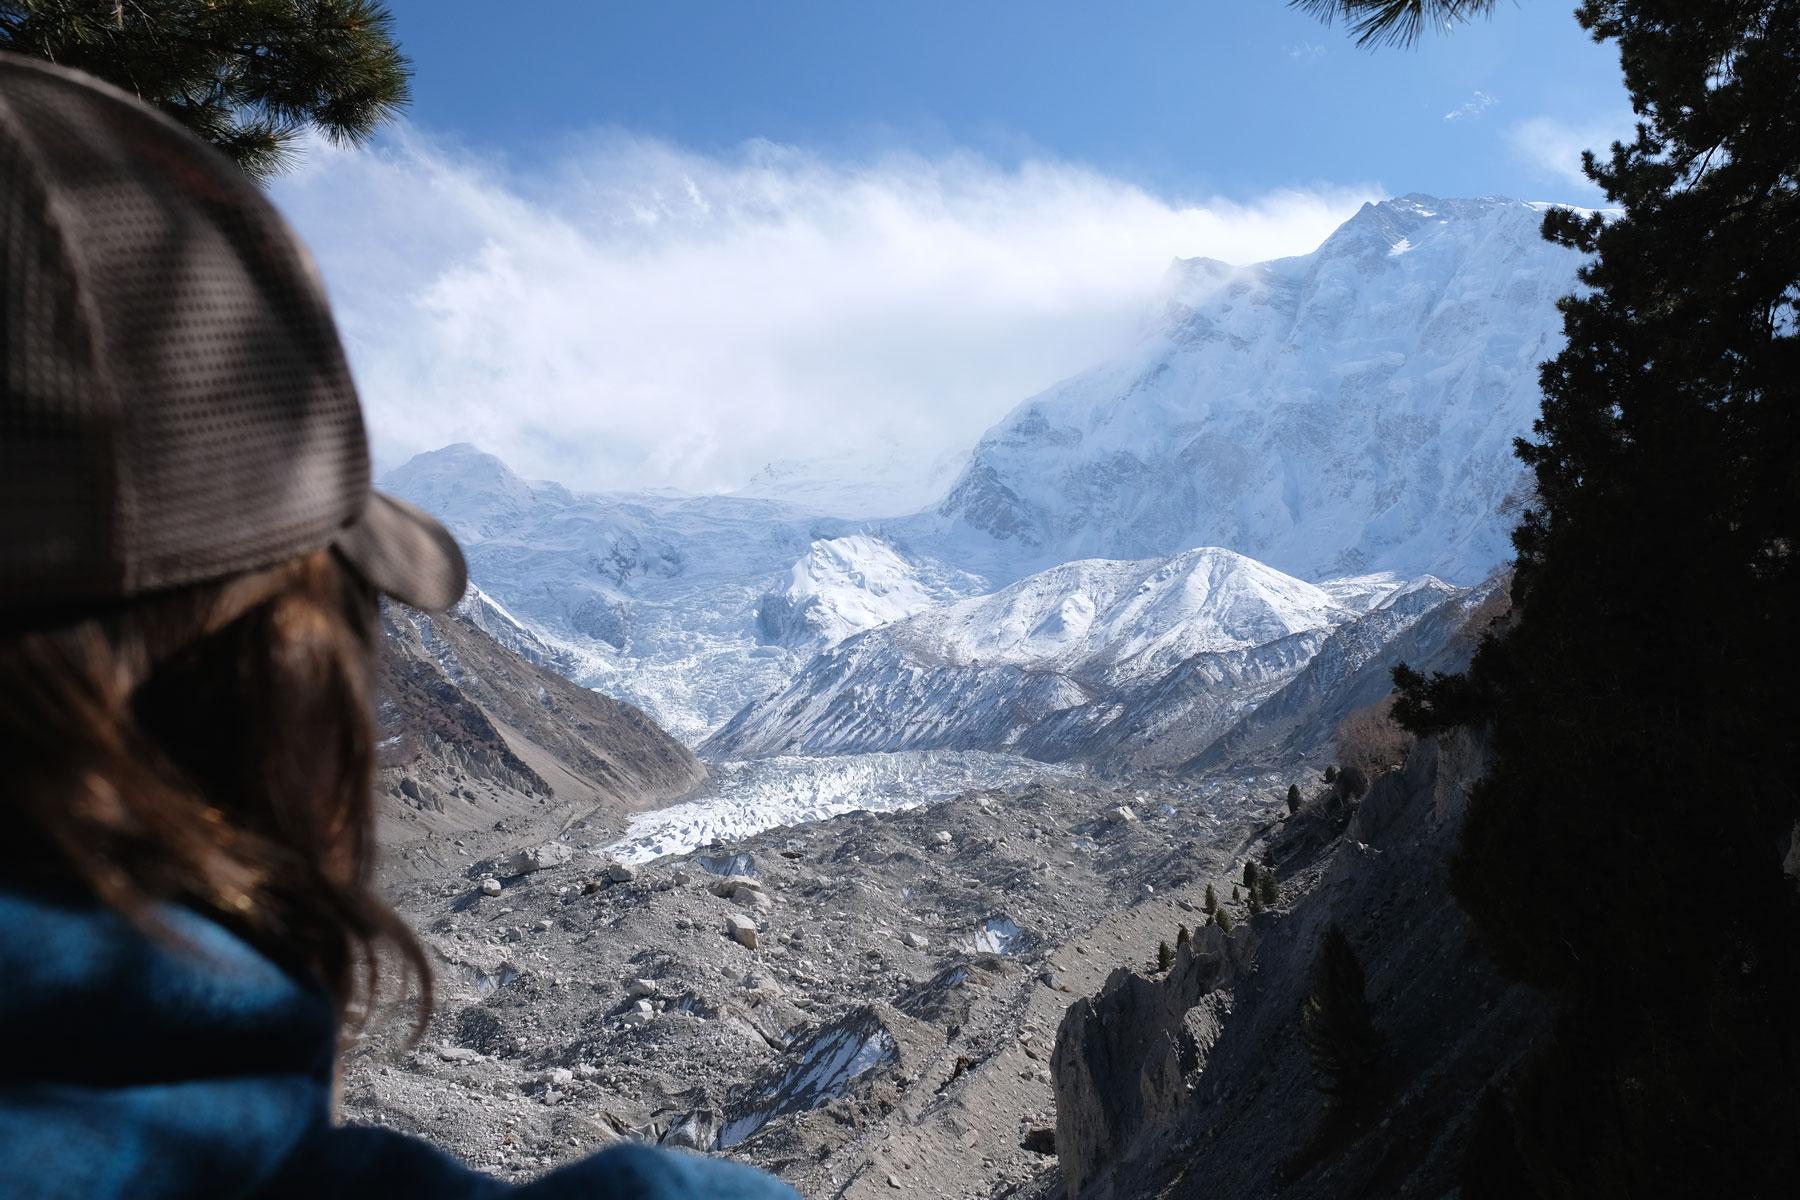 Uns reicht die Wanderung zum Viewpoint, hier haben wir einen besseren Blick als näher dran am Berg